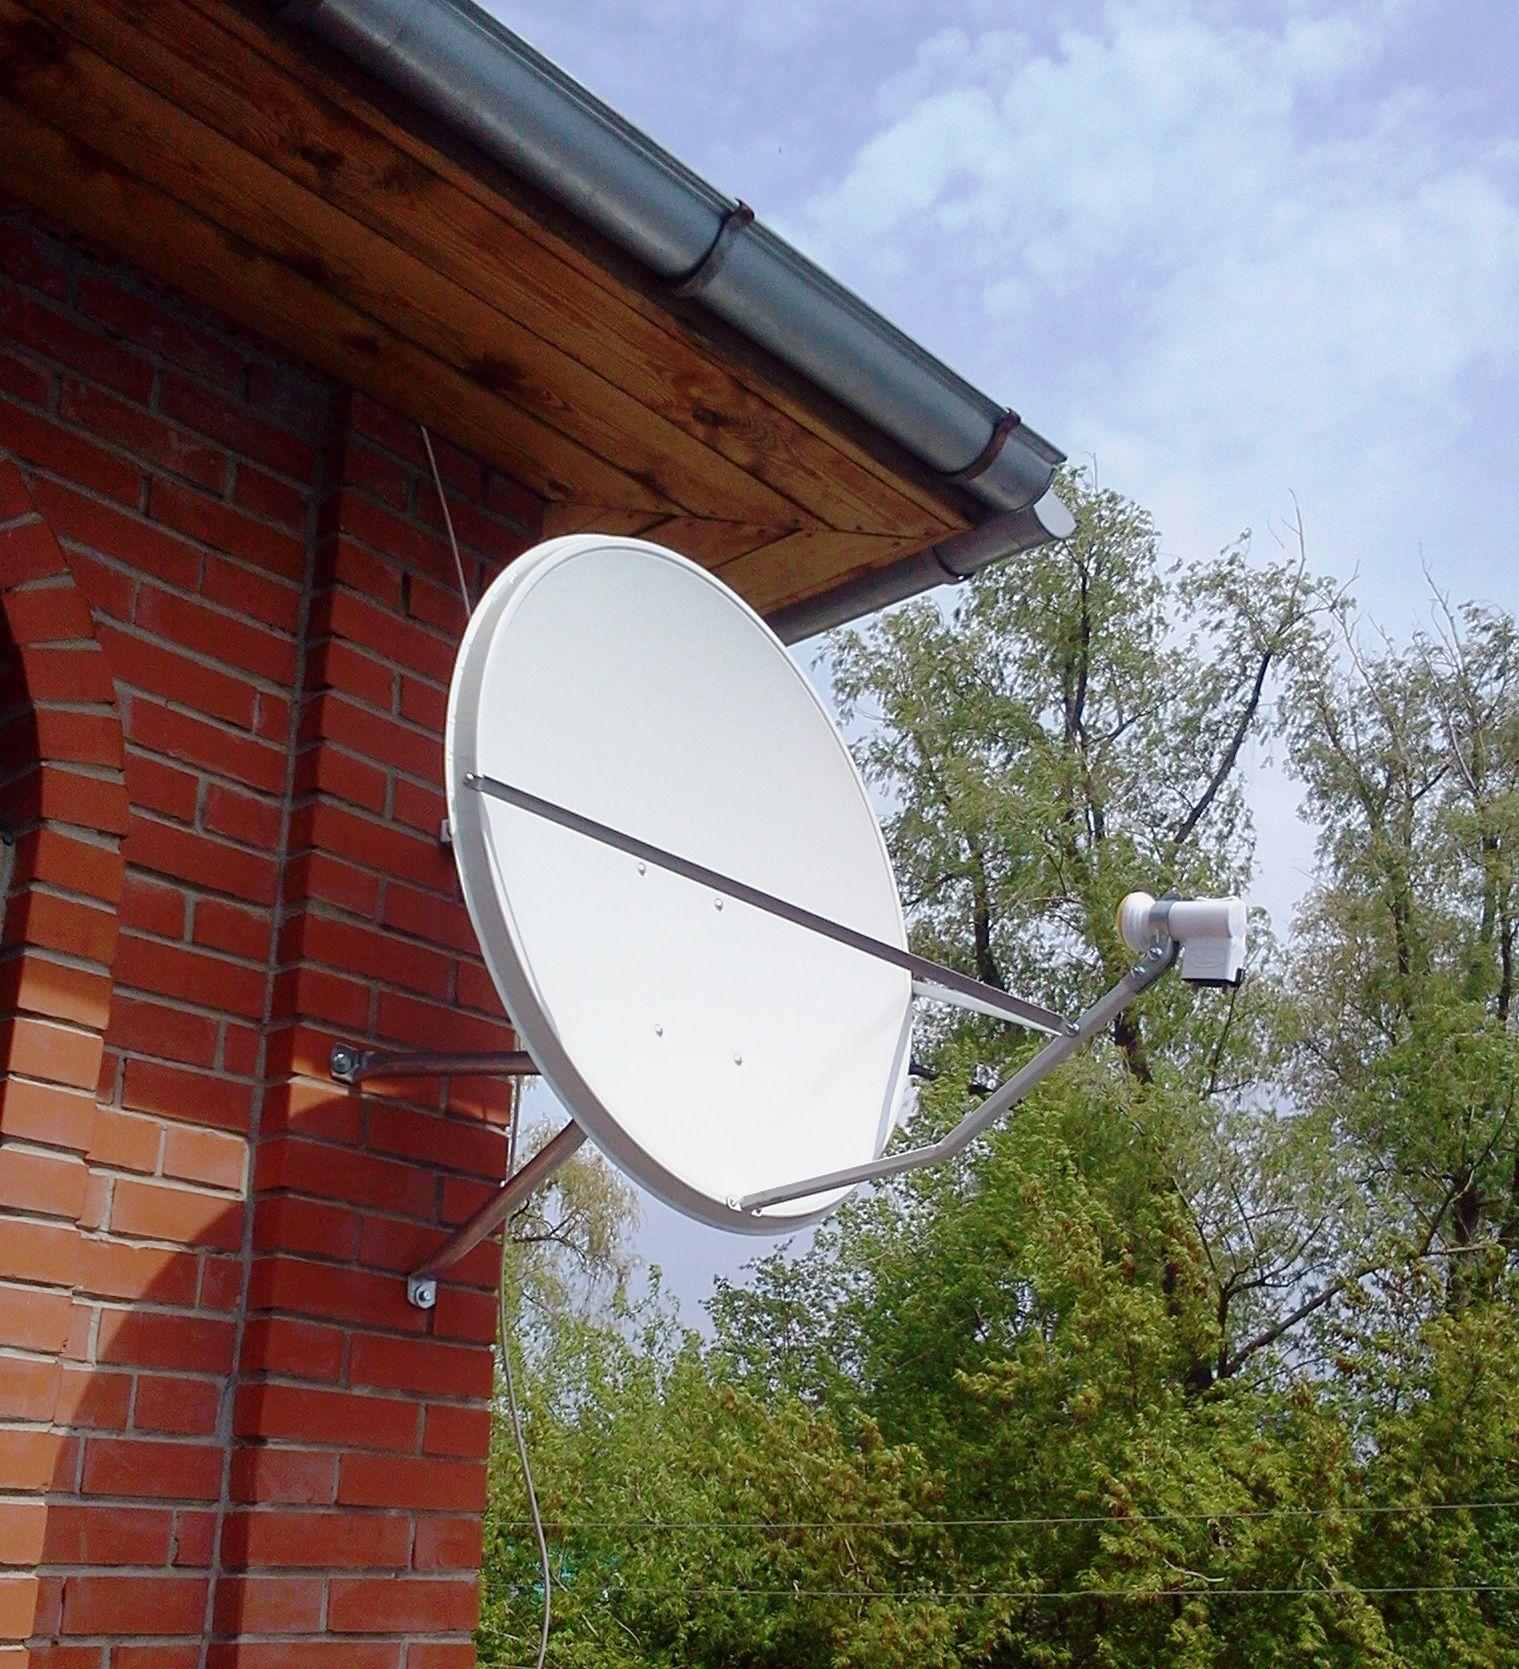 установка и настройка спутниковое телевидение